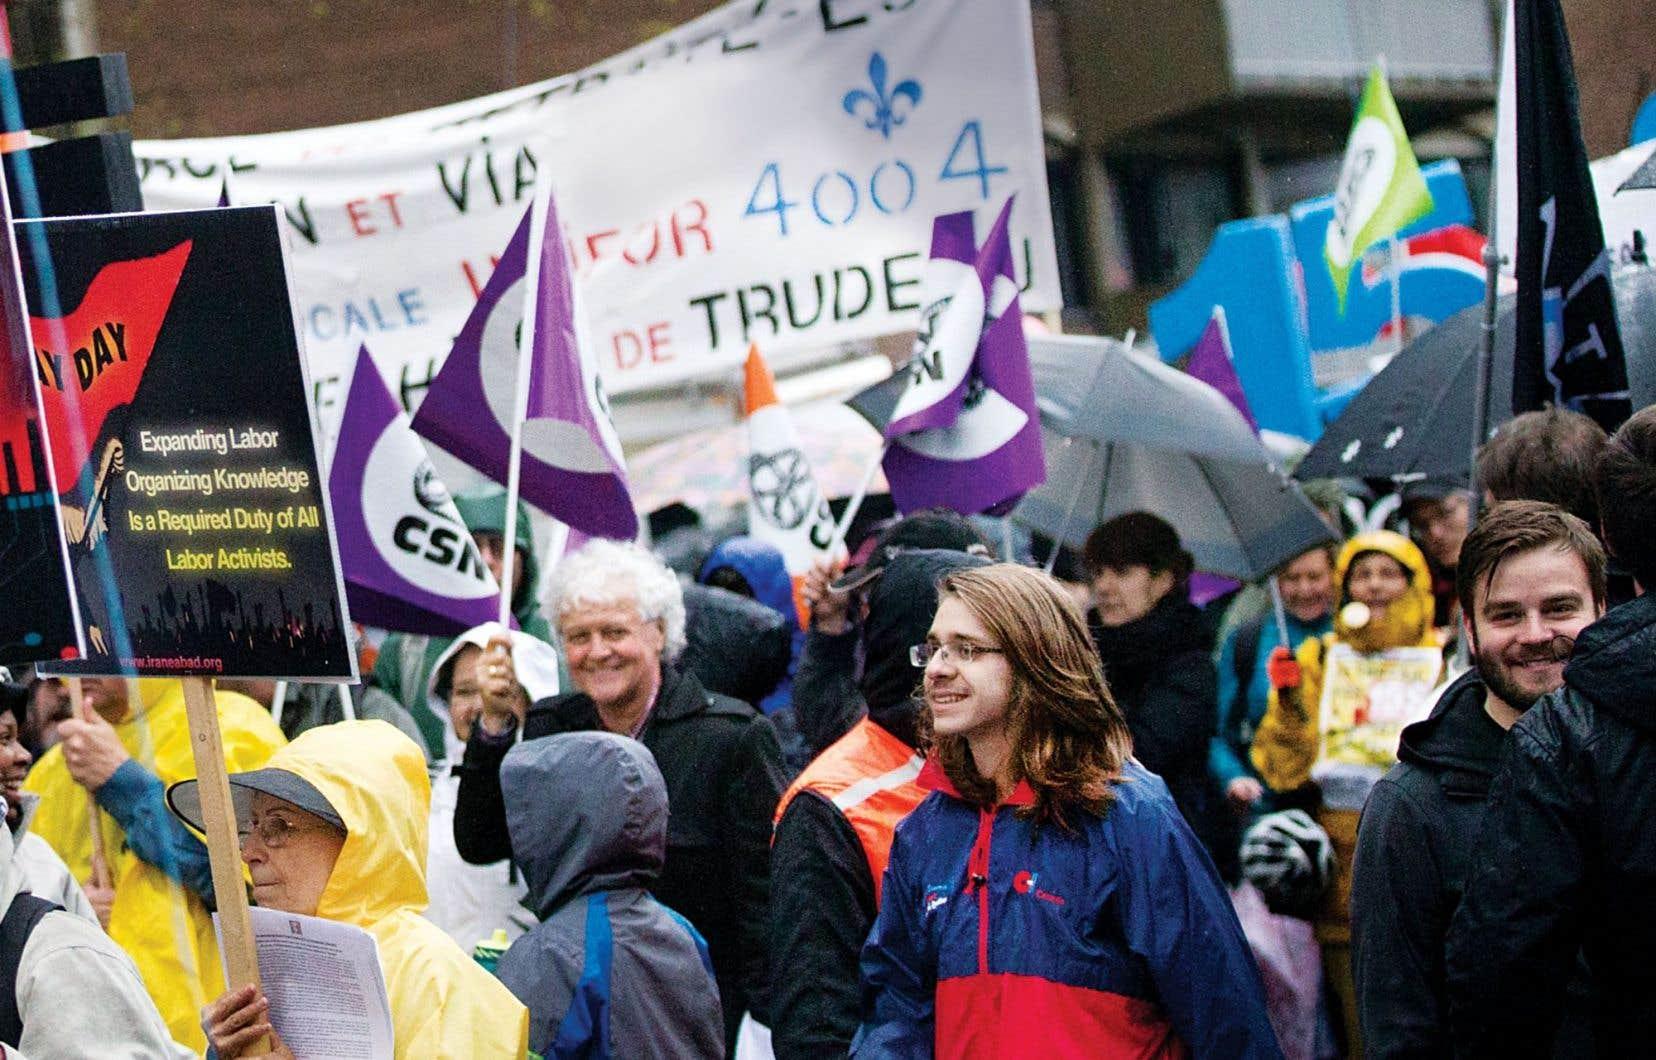 Les participants à la marche pour la Journée internationale des travailleurs, organisée à l'appel de la Coalition montréalaise du 1ermai, demandaient, parmi leurs revendications, l'augmentation du salaire minimum à 15 $.